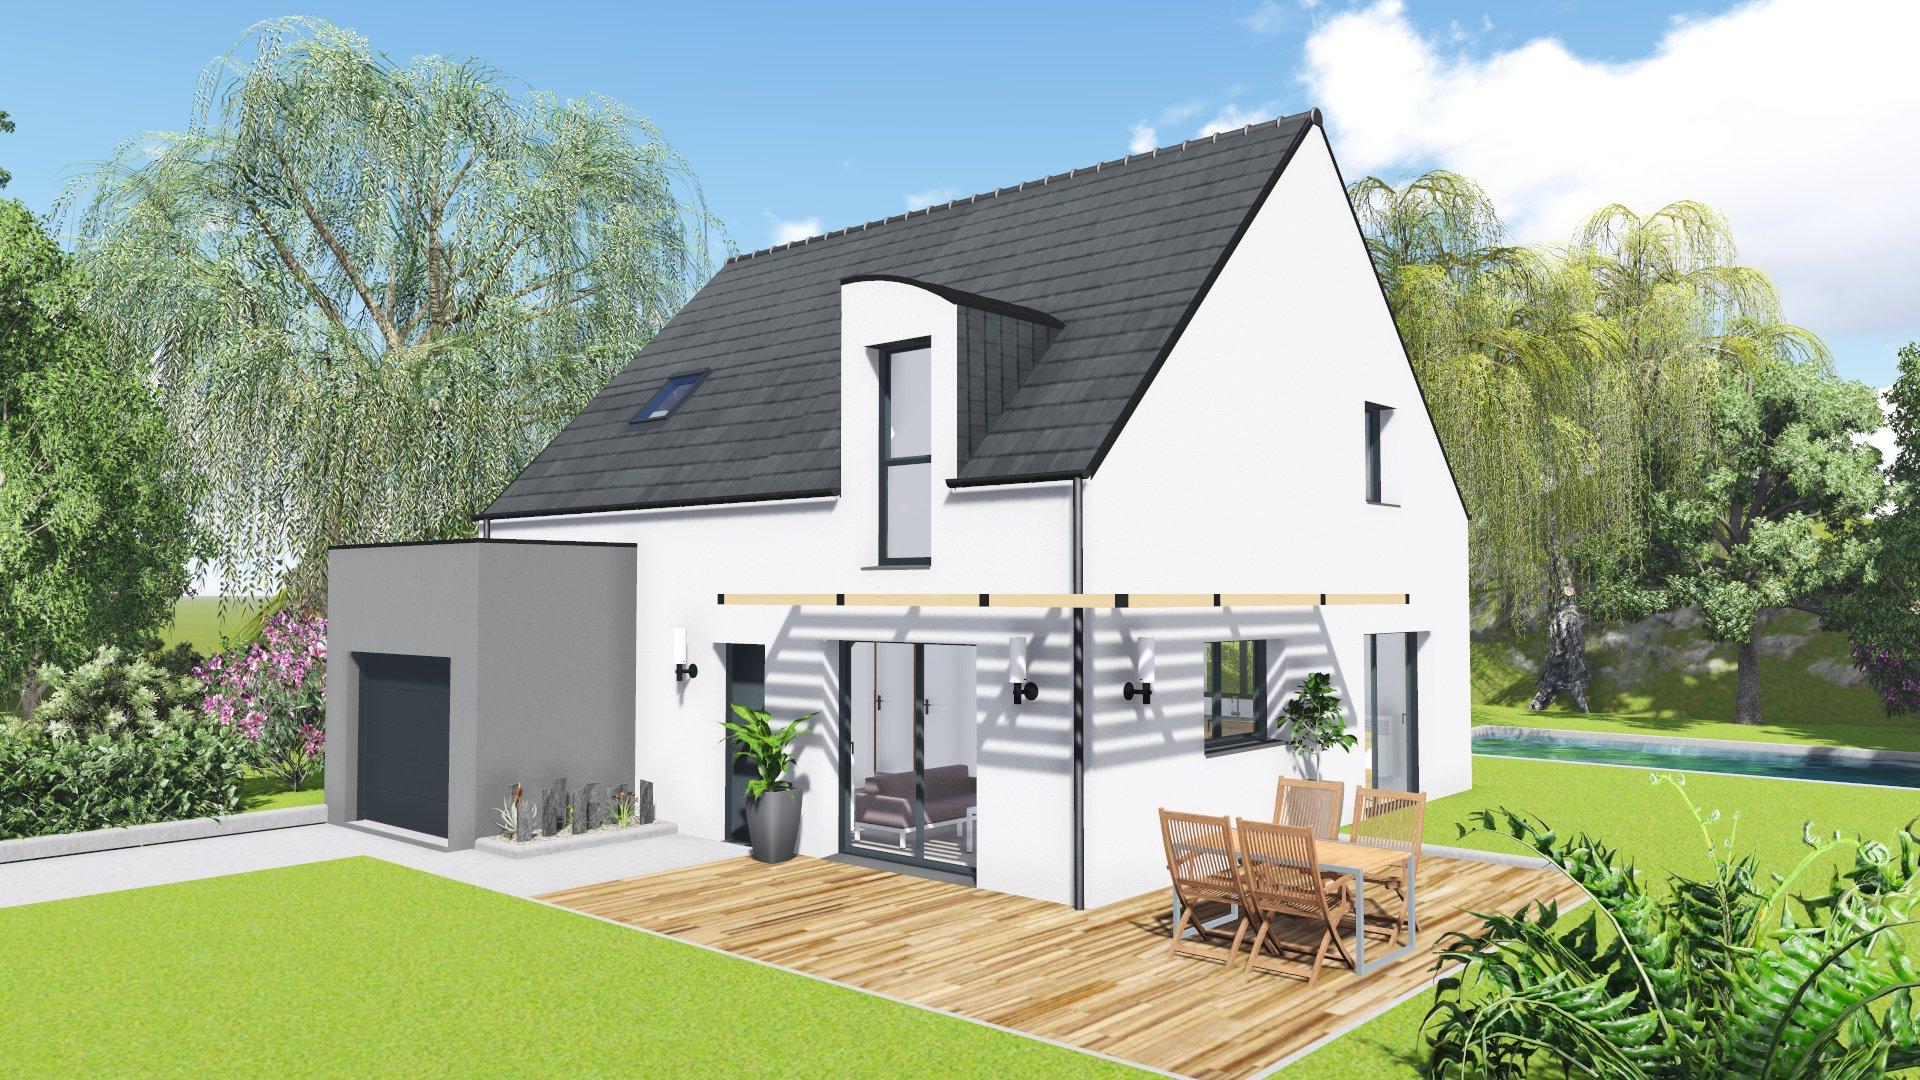 Constructeur maison neuve bretagne for Maison neuve constructeur